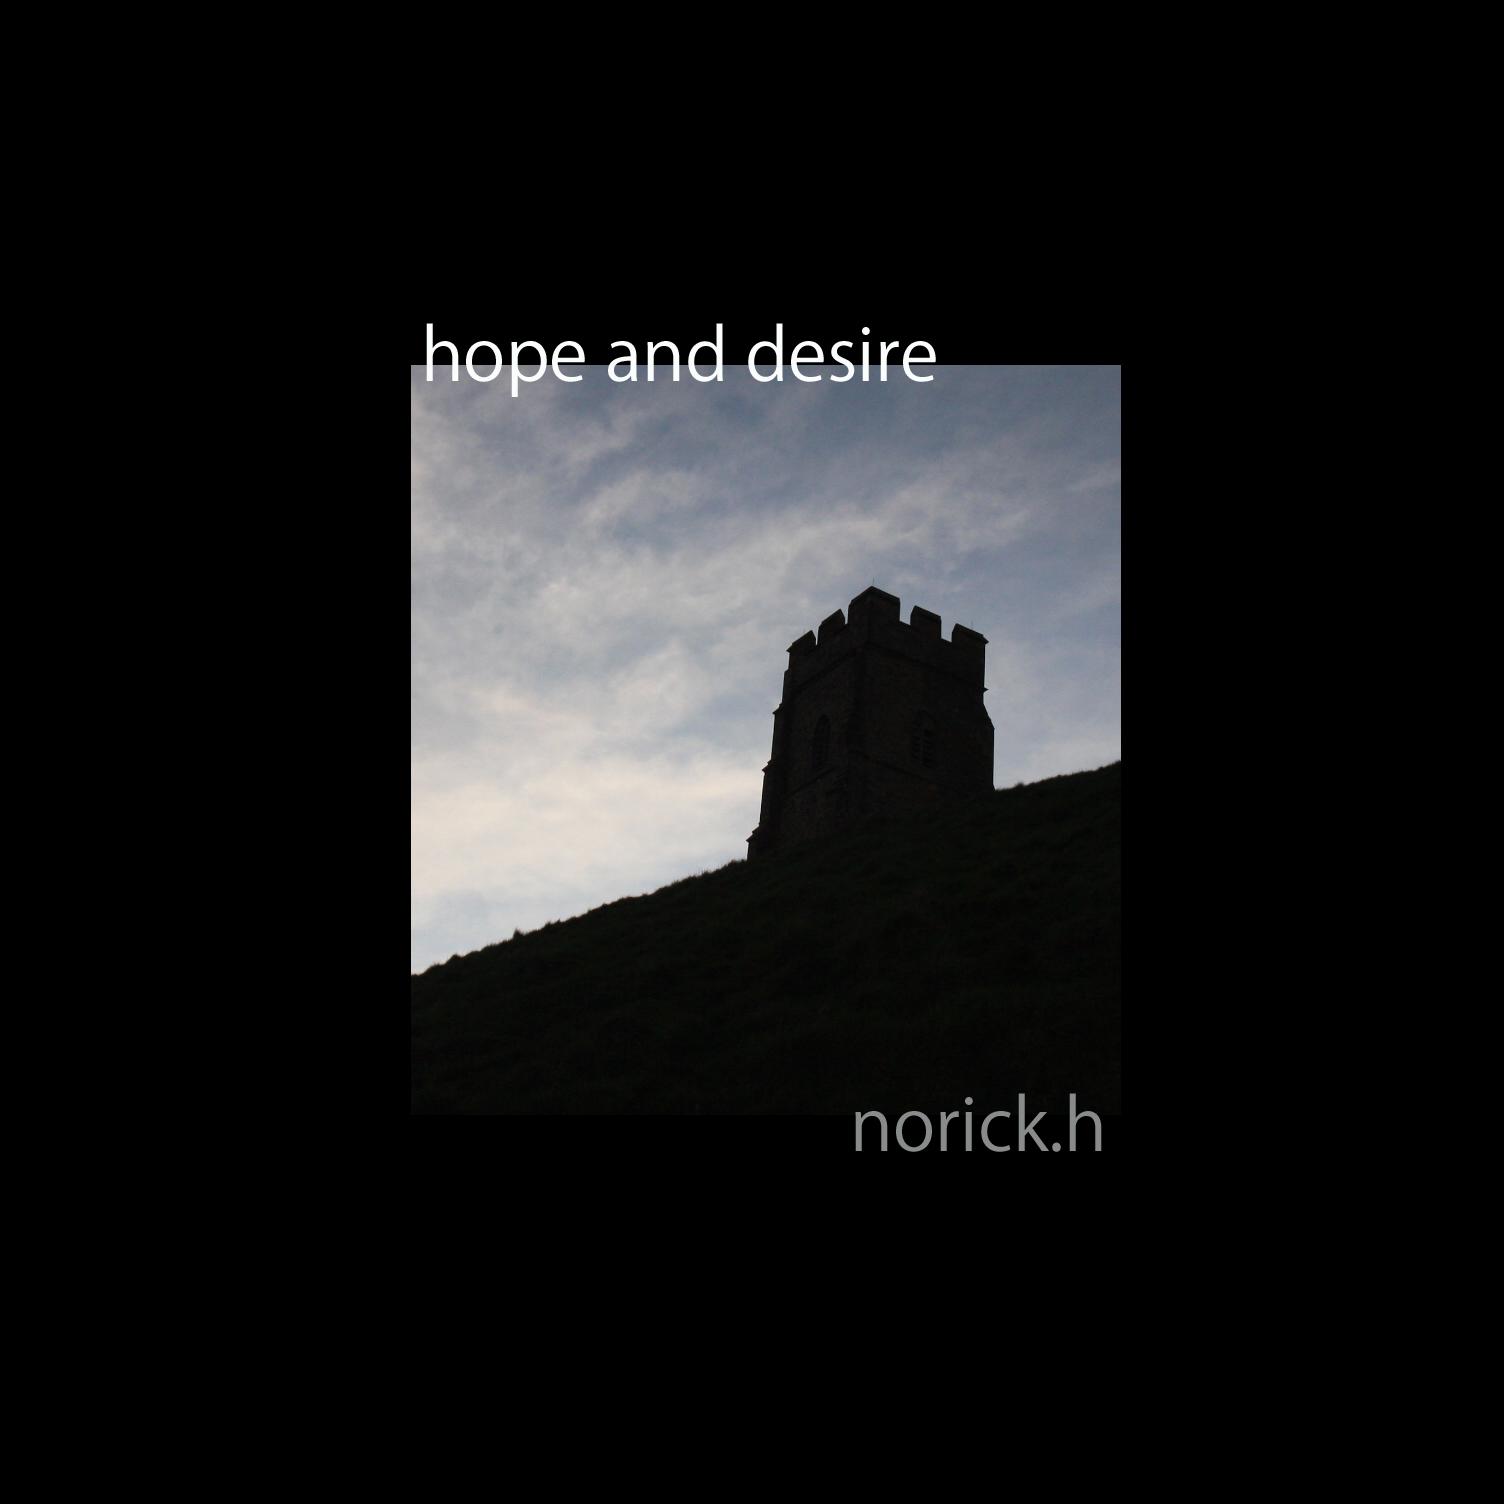 希望と欲望